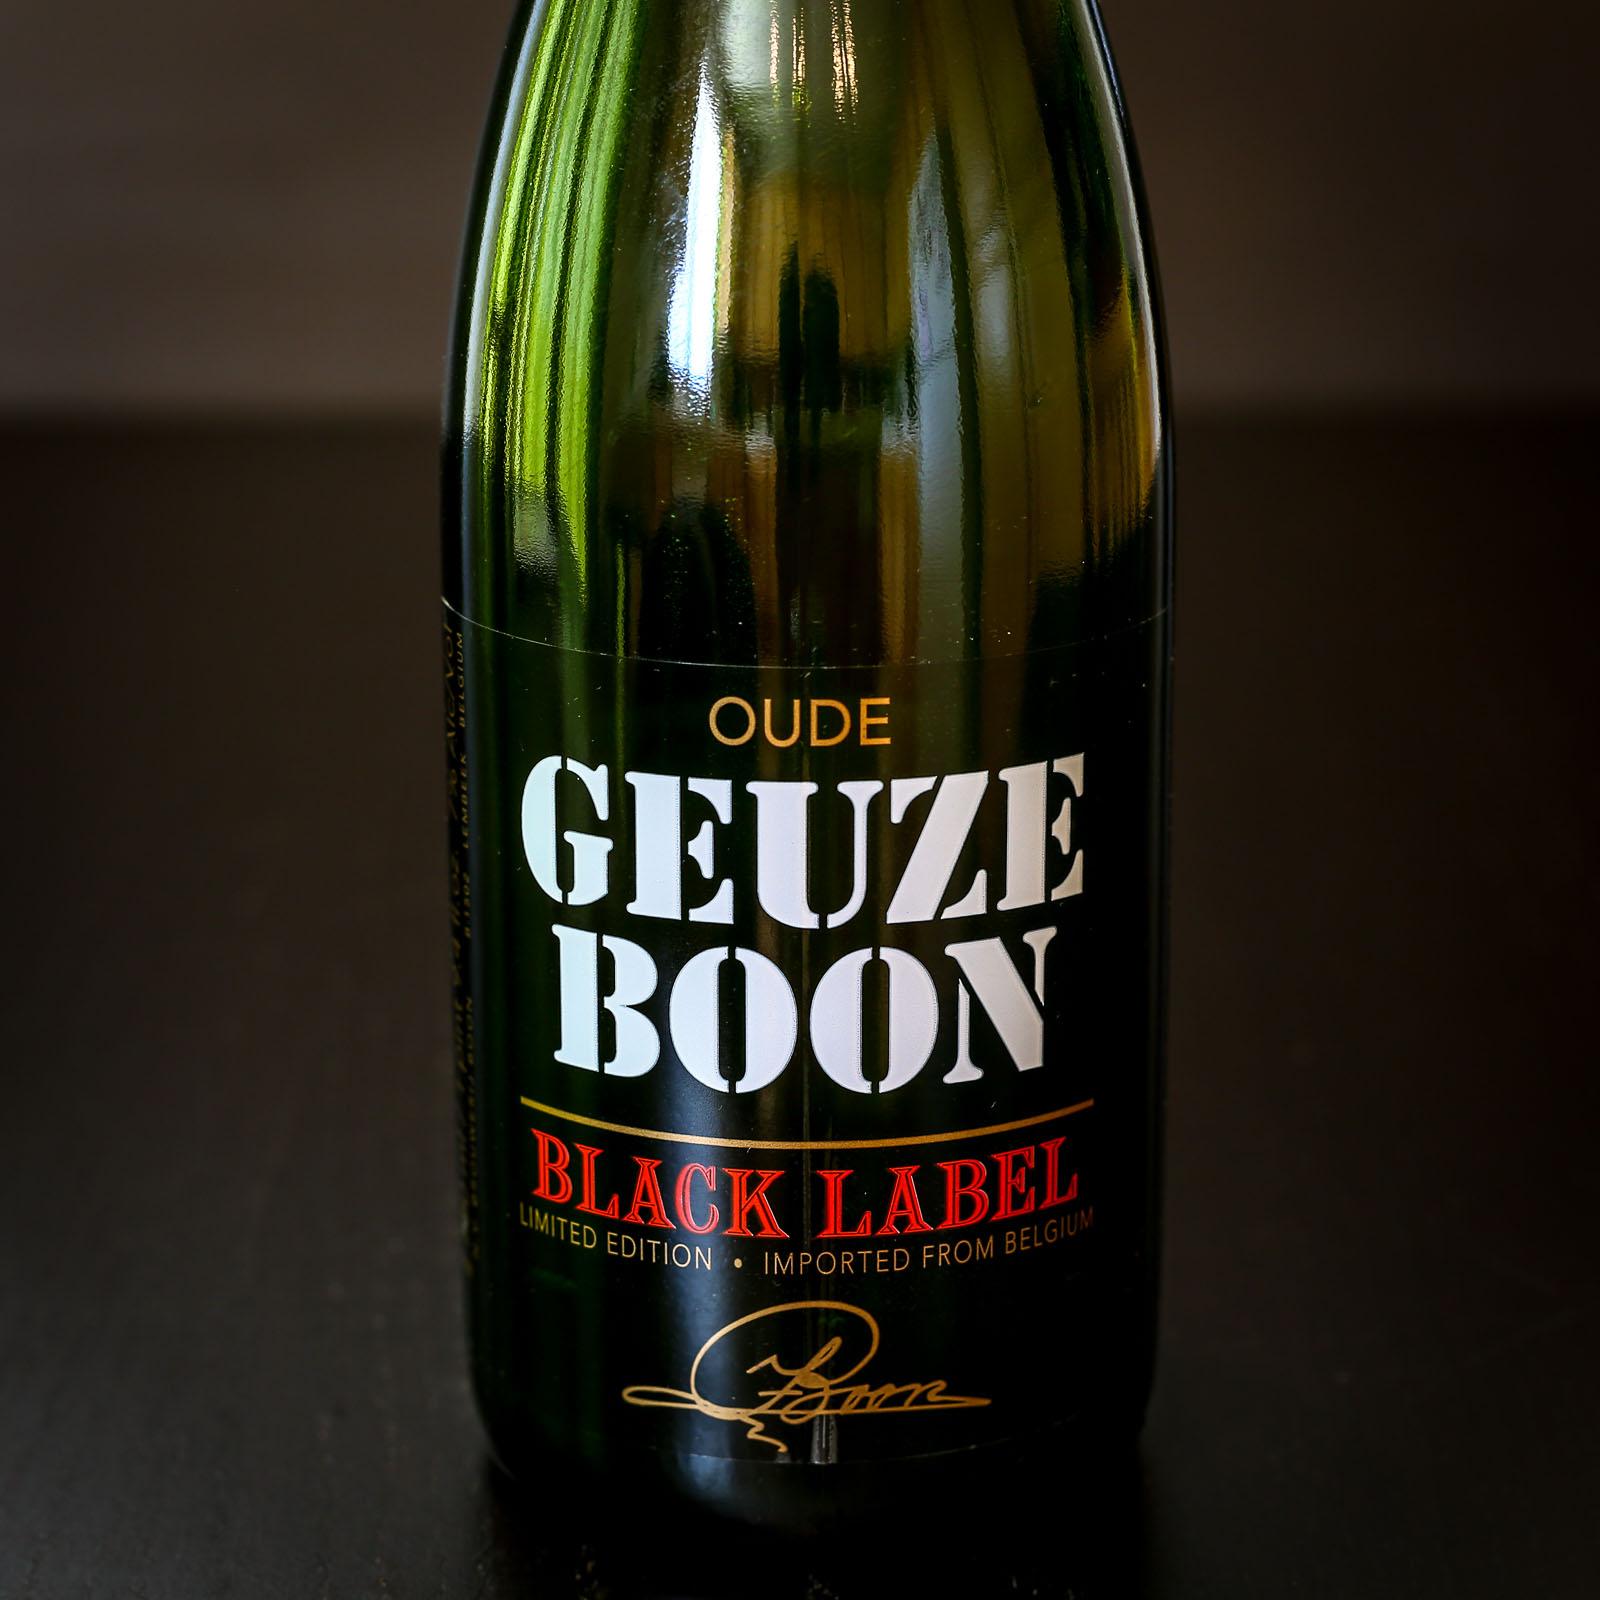 Brouwerij Boon - Oude Geuze Boon Black Label